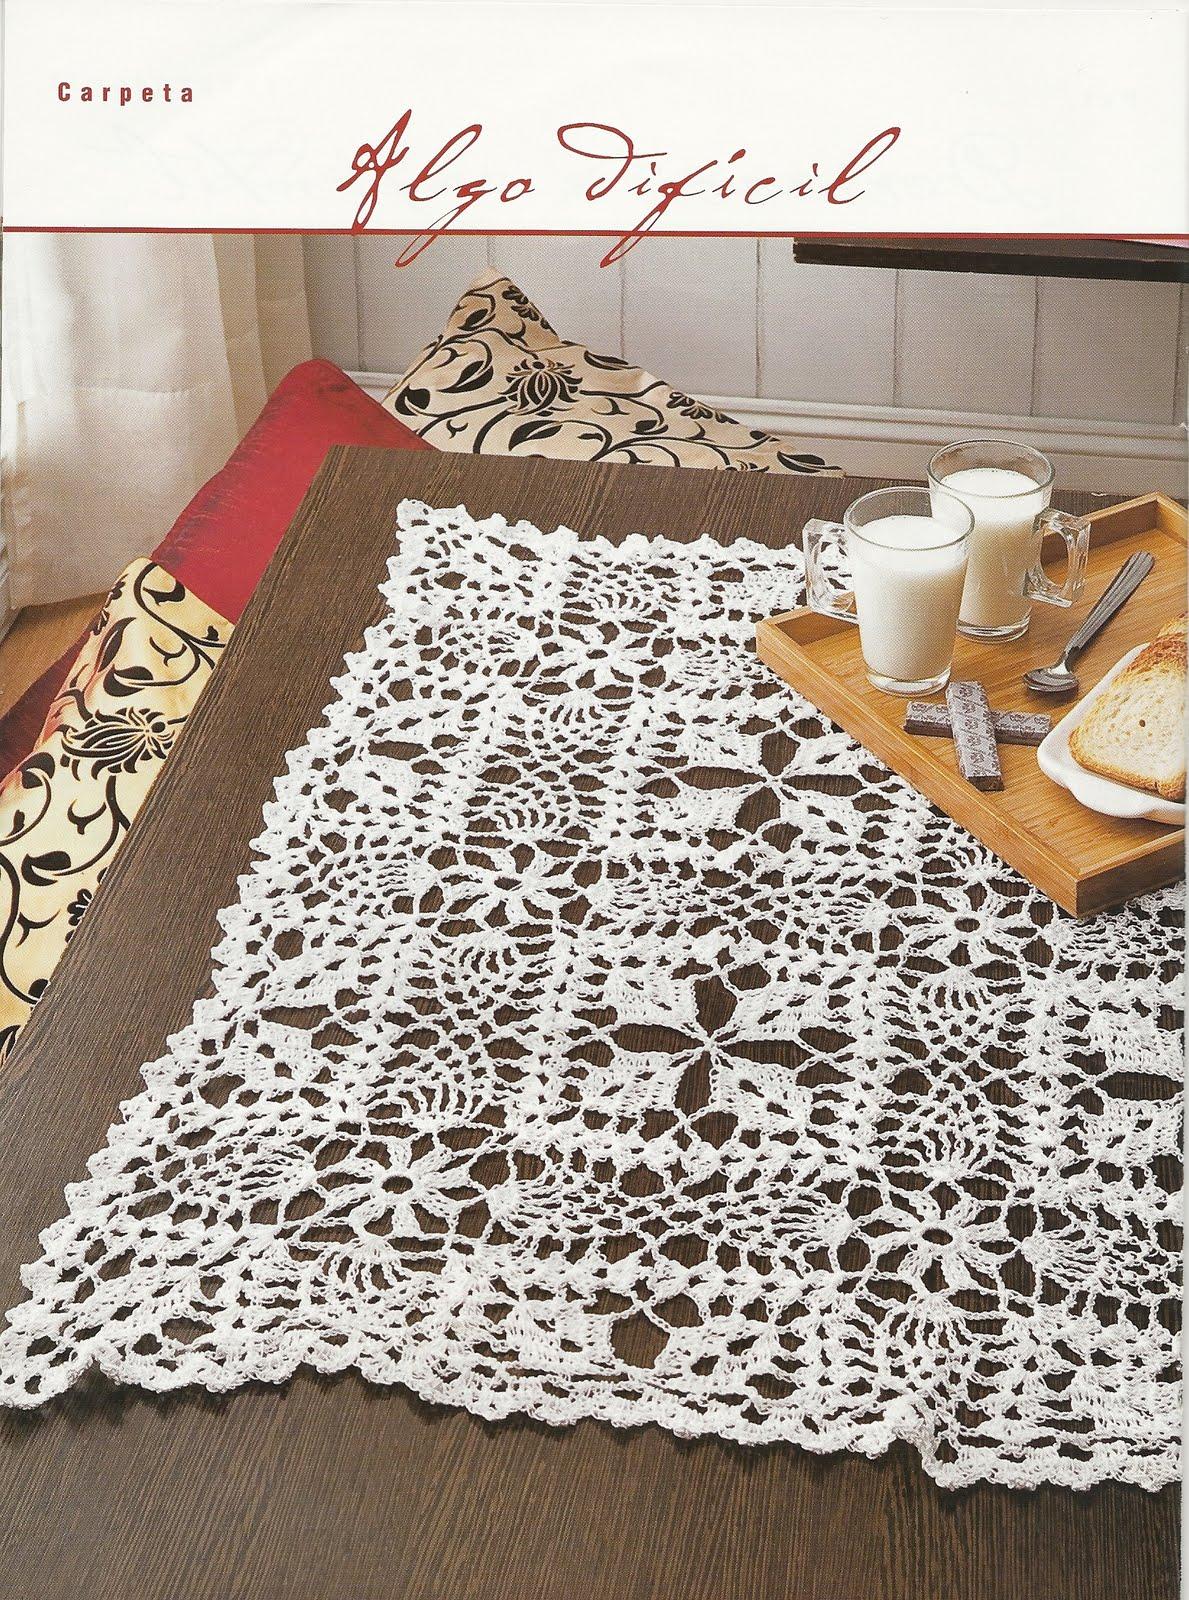 Carpetas cuadradas tejidas al crochet